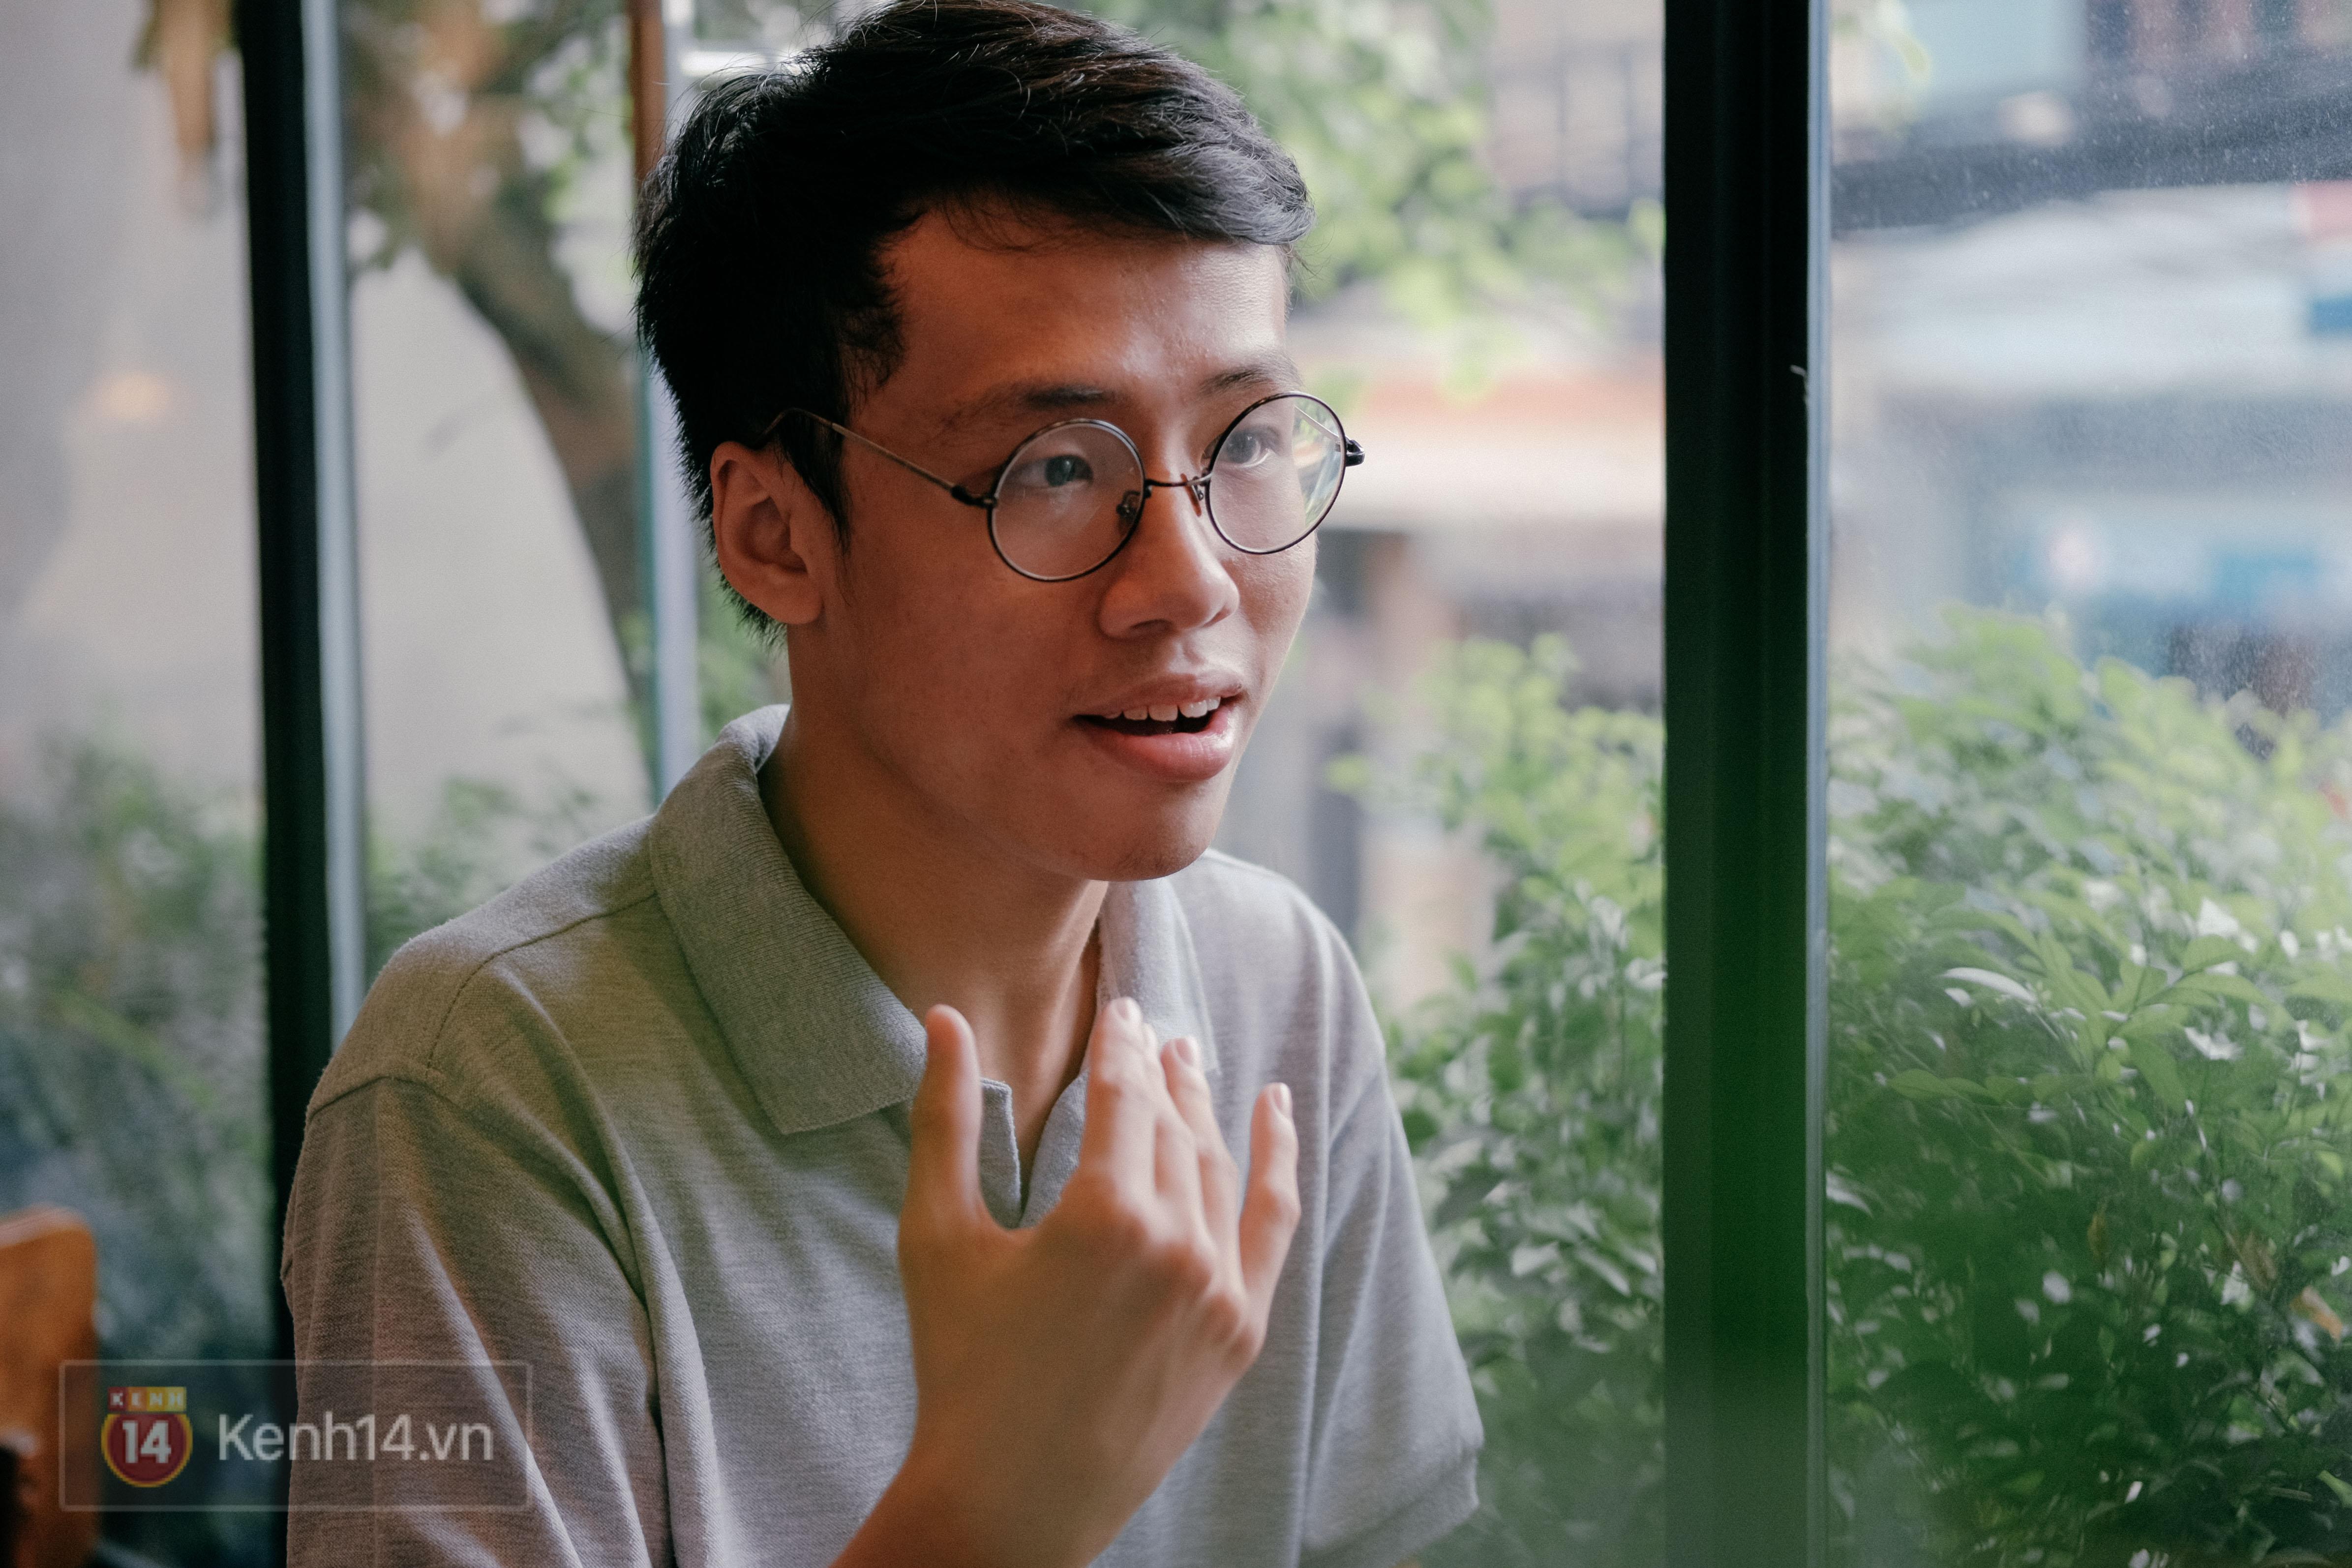 99er Việt nhận học bổng lớn nhờ viết bài luận bàn về việc xem phim sex - Ảnh 5.